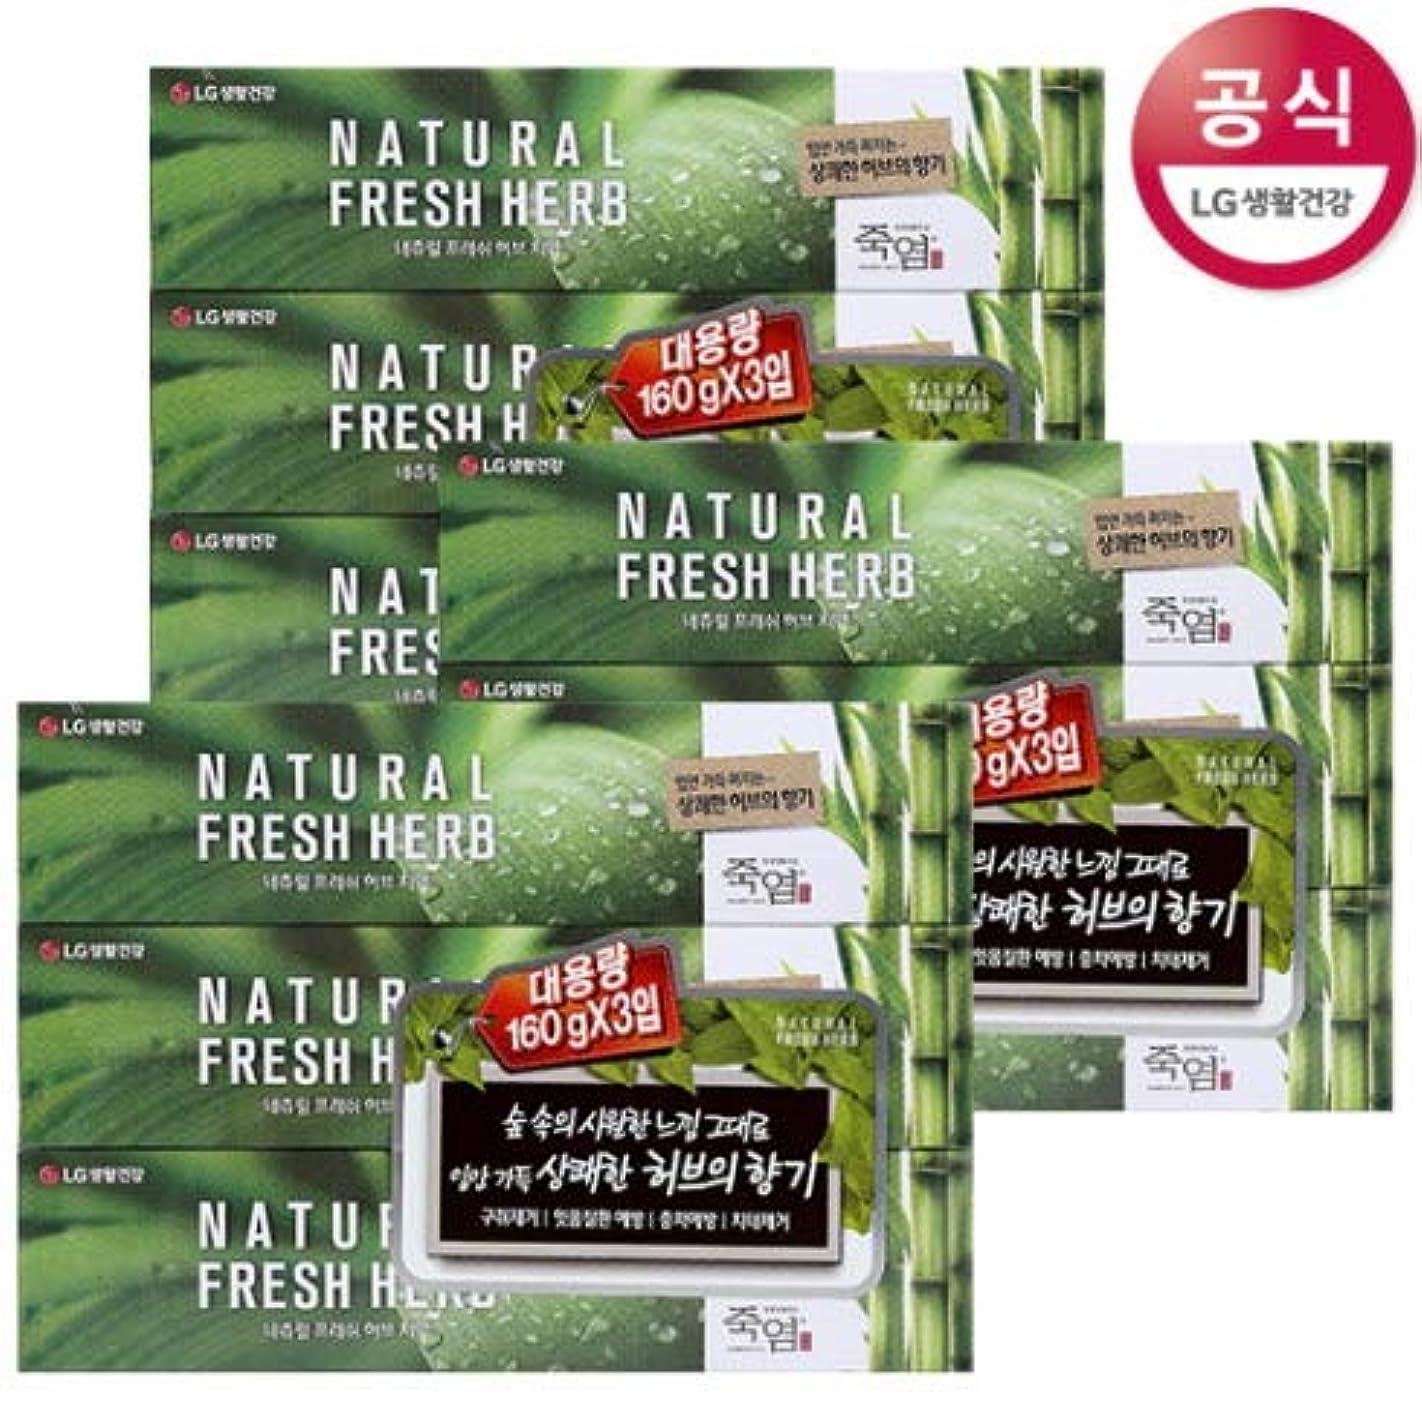 幸運古代閃光[LG HnB] Bamboo Salt Natural Fresh Herbal Toothpaste/竹塩ナチュラルフレッシュハーブ歯磨き粉 160gx9個(海外直送品)